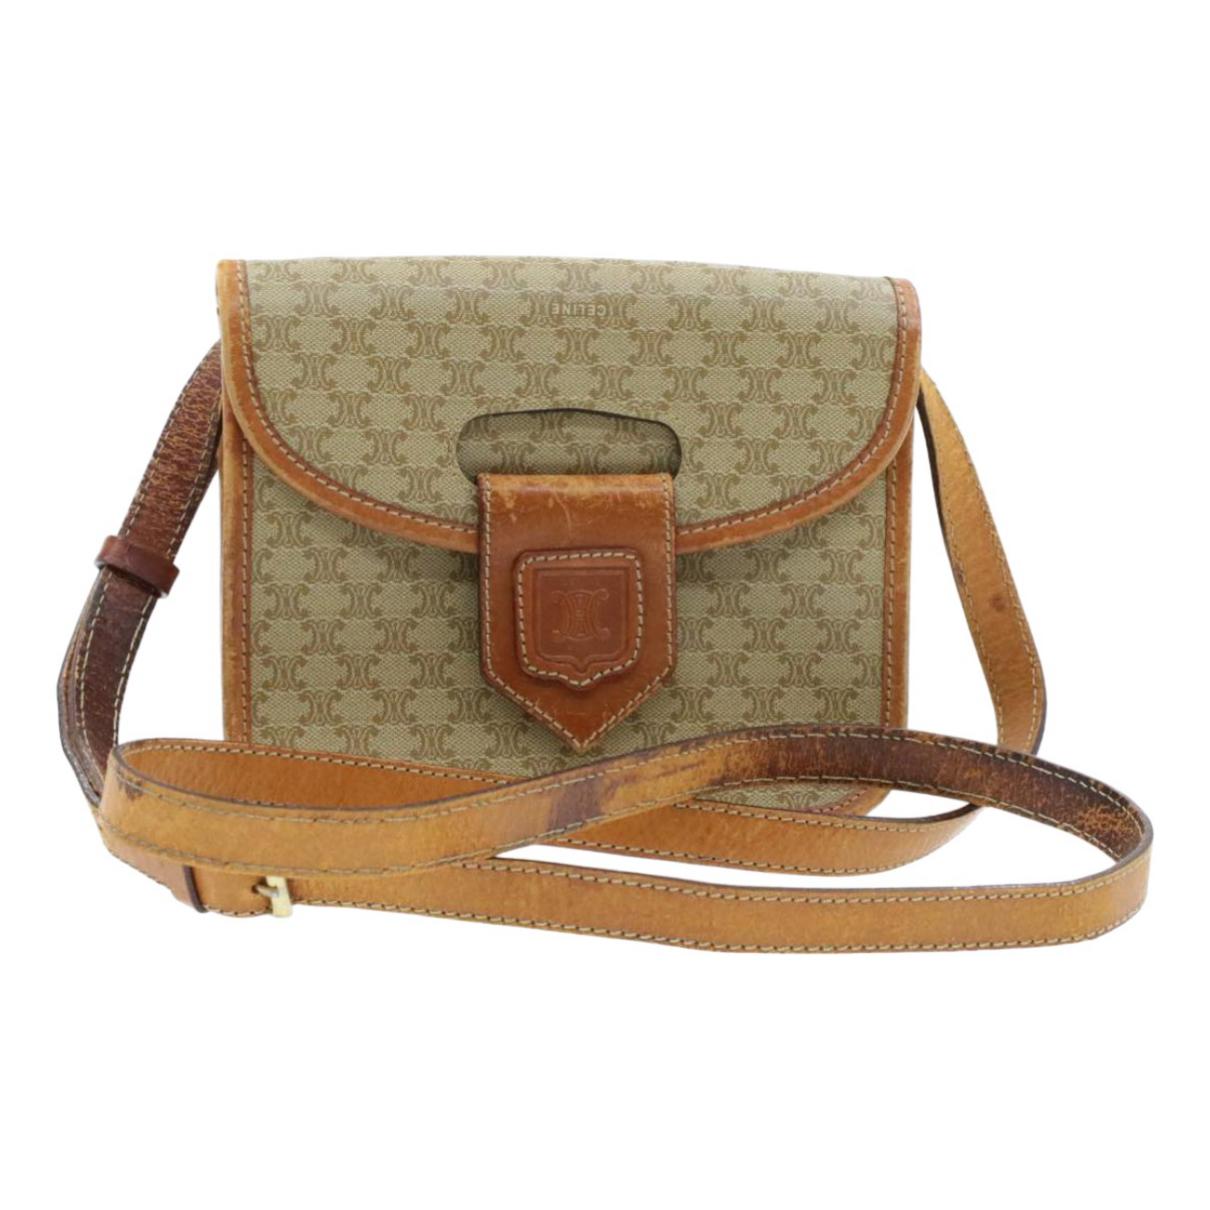 Celine \N Handtasche in  Beige Leinen